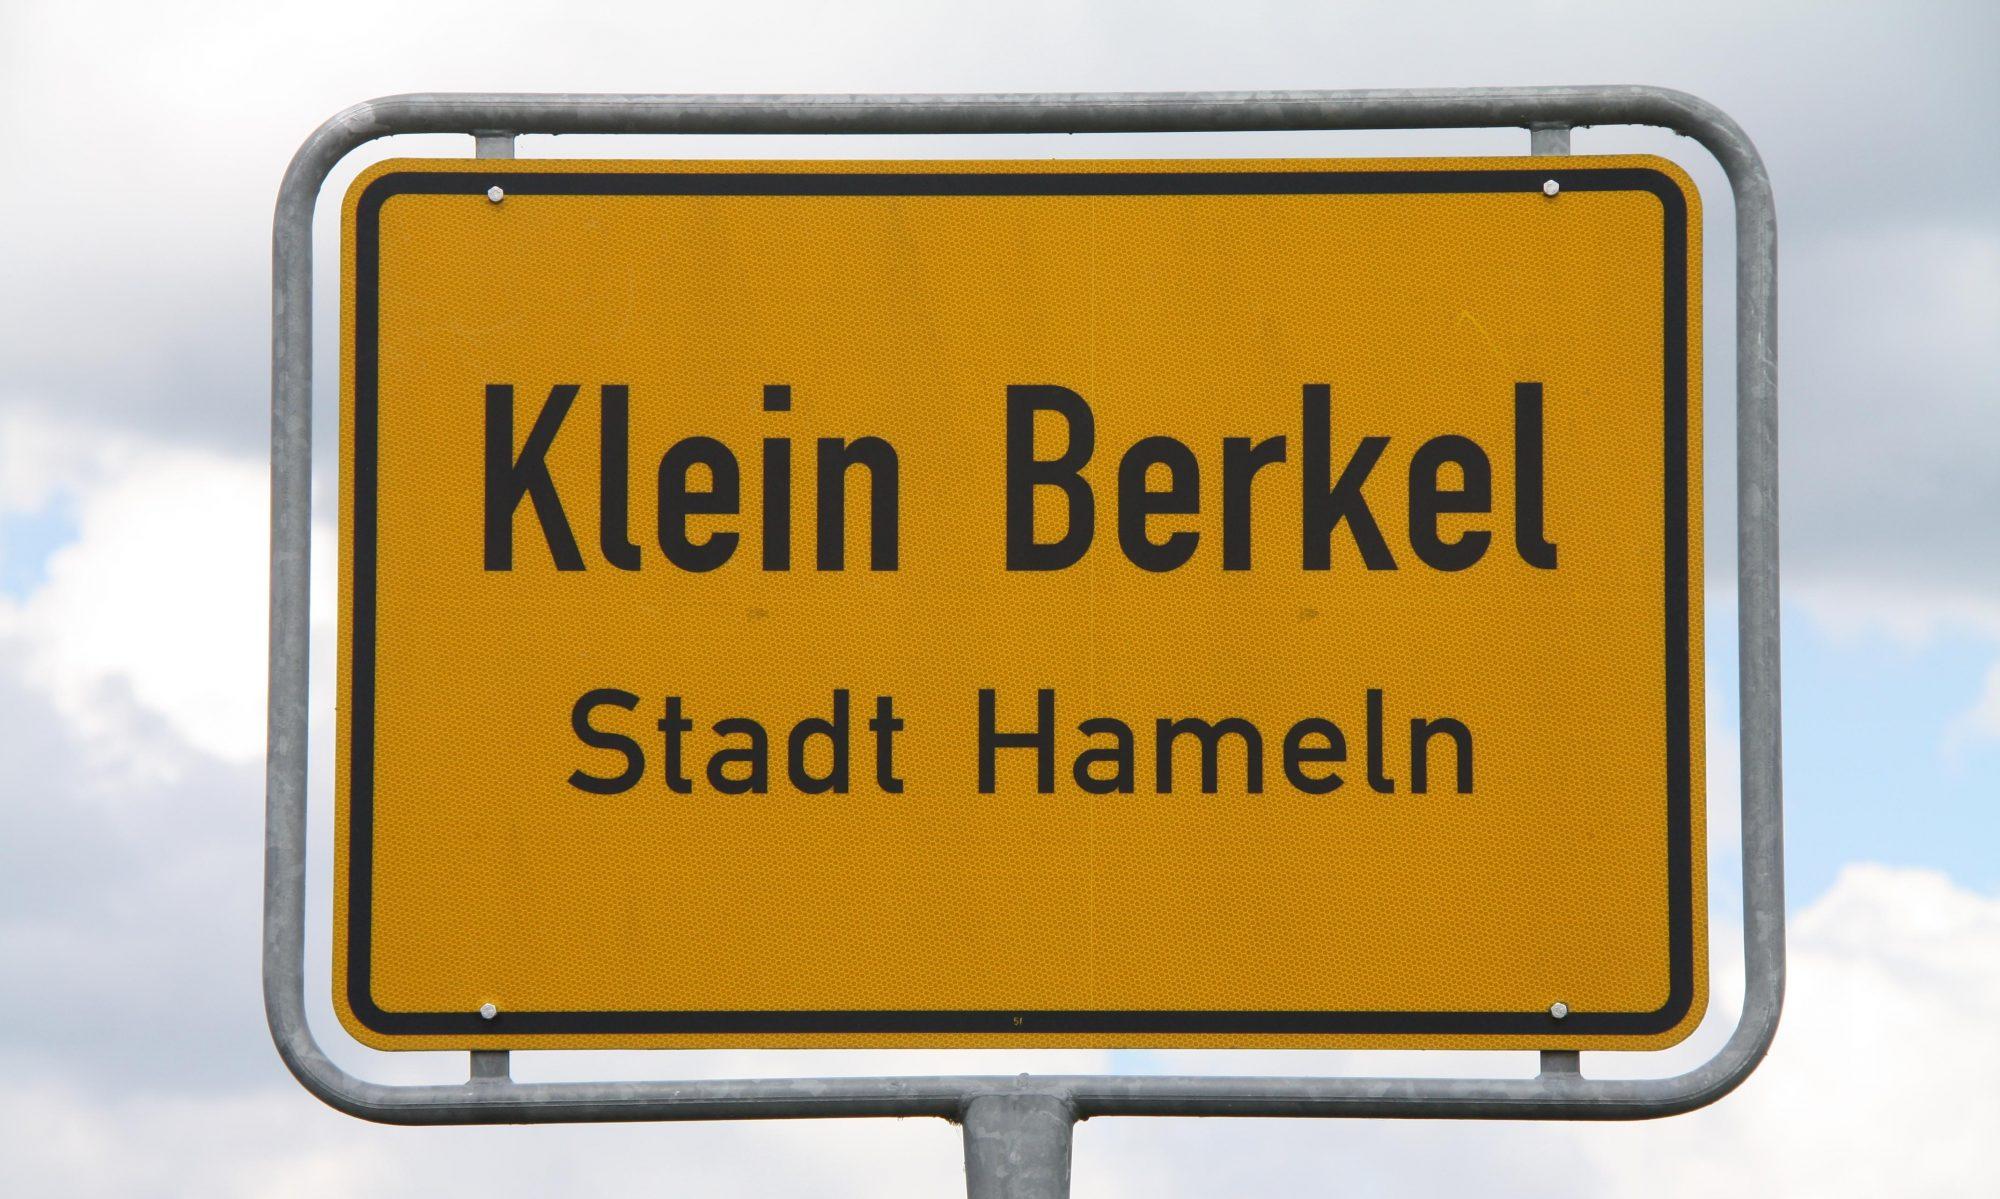 Klein Berkel